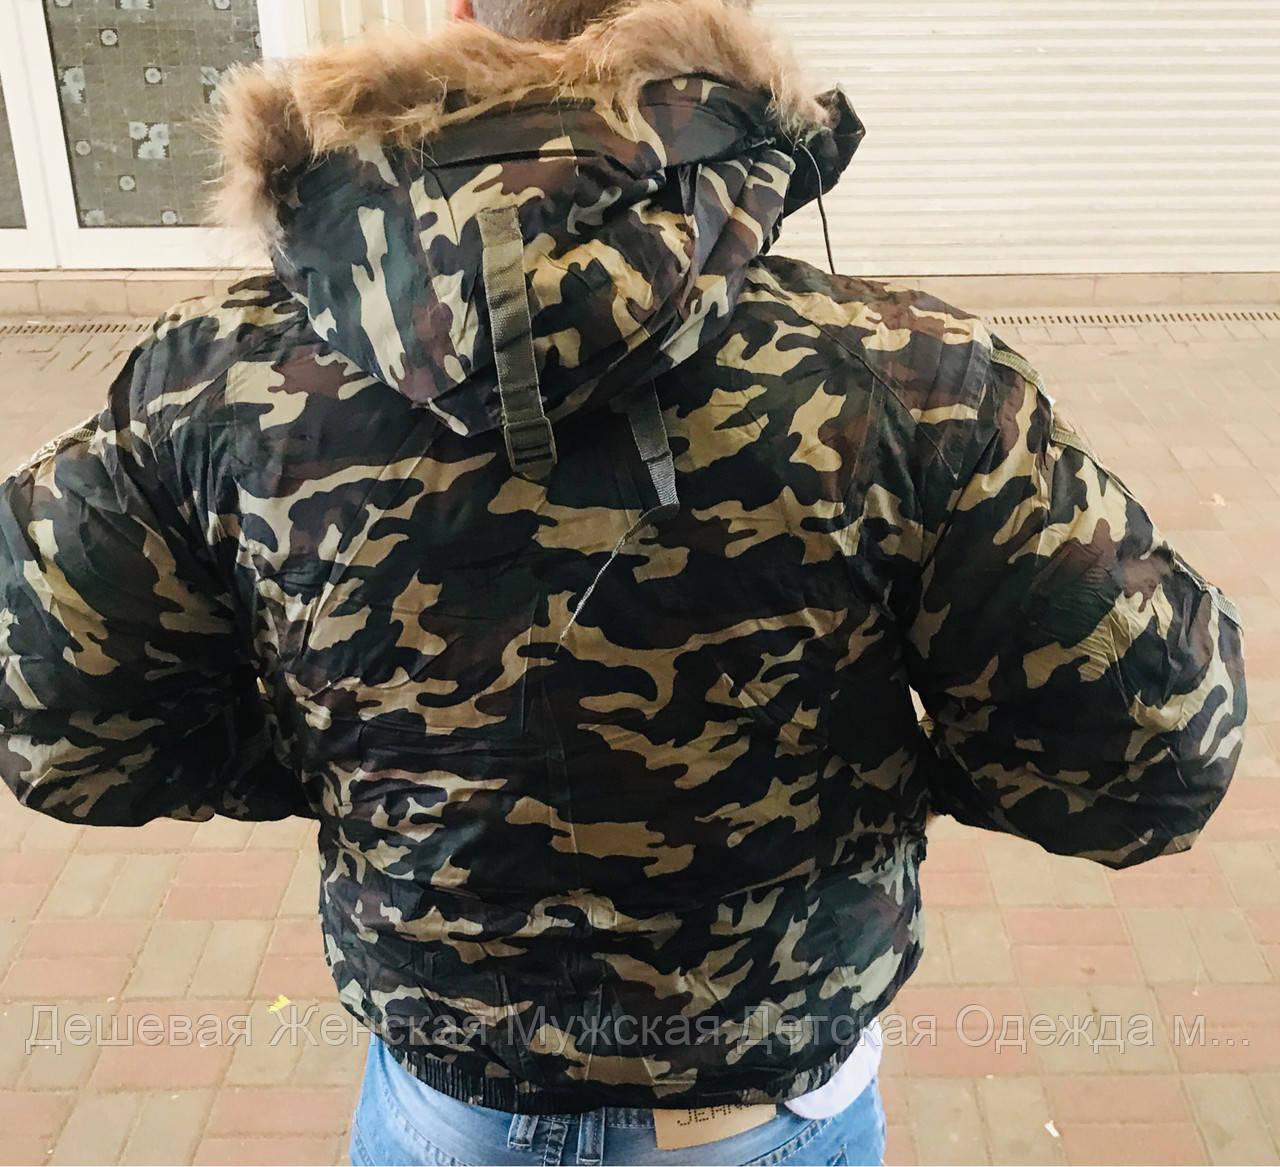 Куртка чоловіча зима осінь к-сть Обмежена